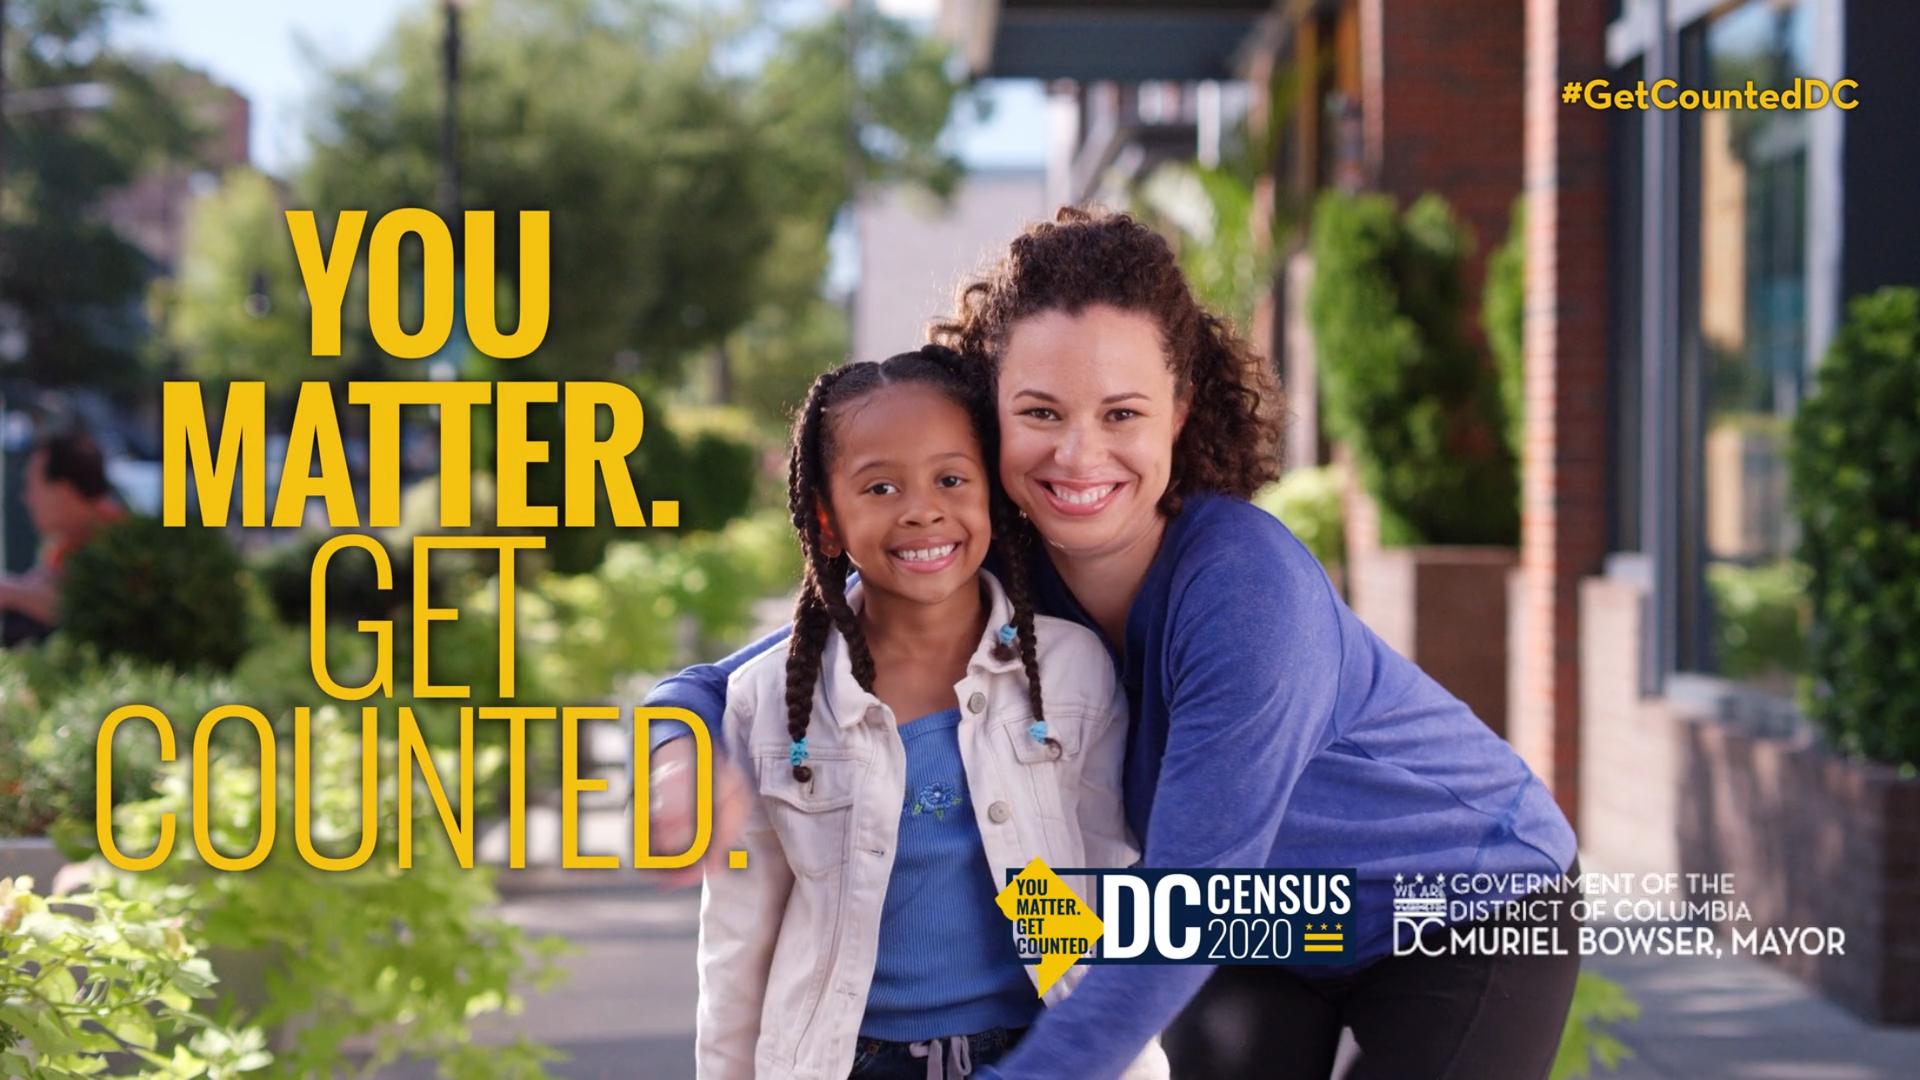 DC Census